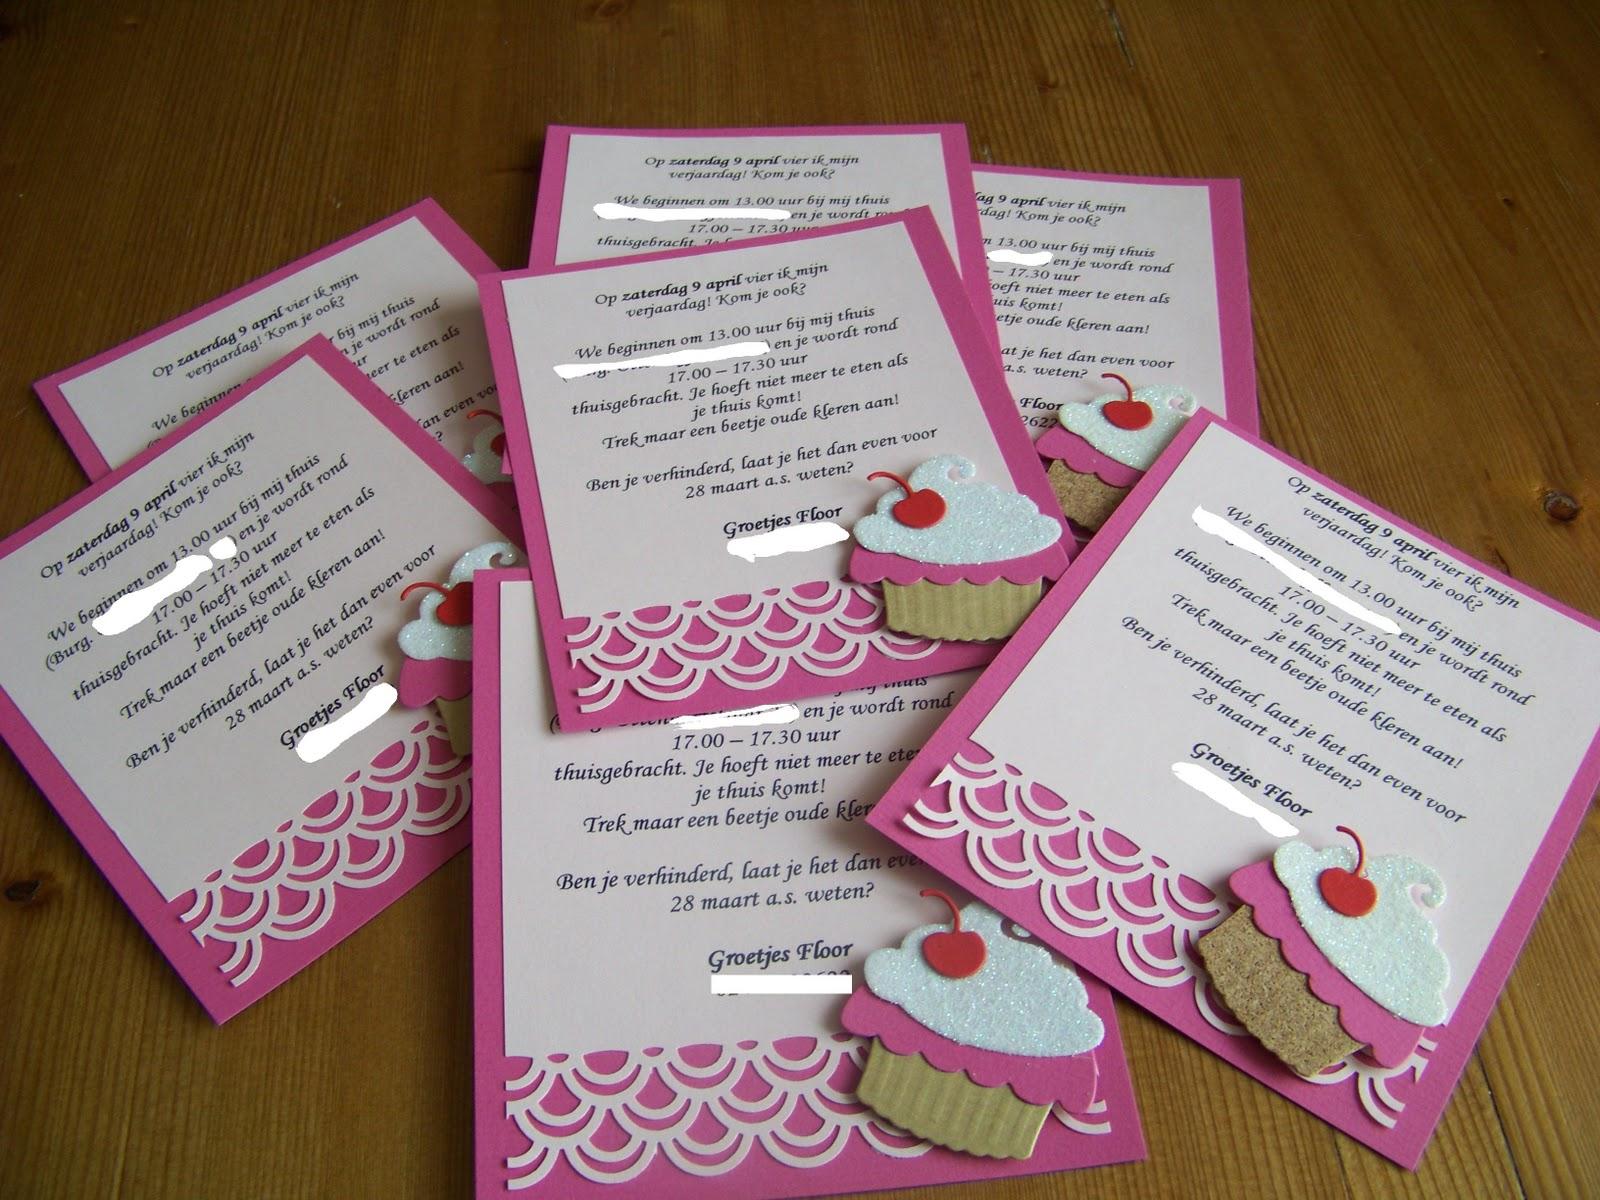 Extreem Favoriete Zelf Uitnodigingen Maken En Printen Gratis SCJ-99 | Wofosogo #DB75